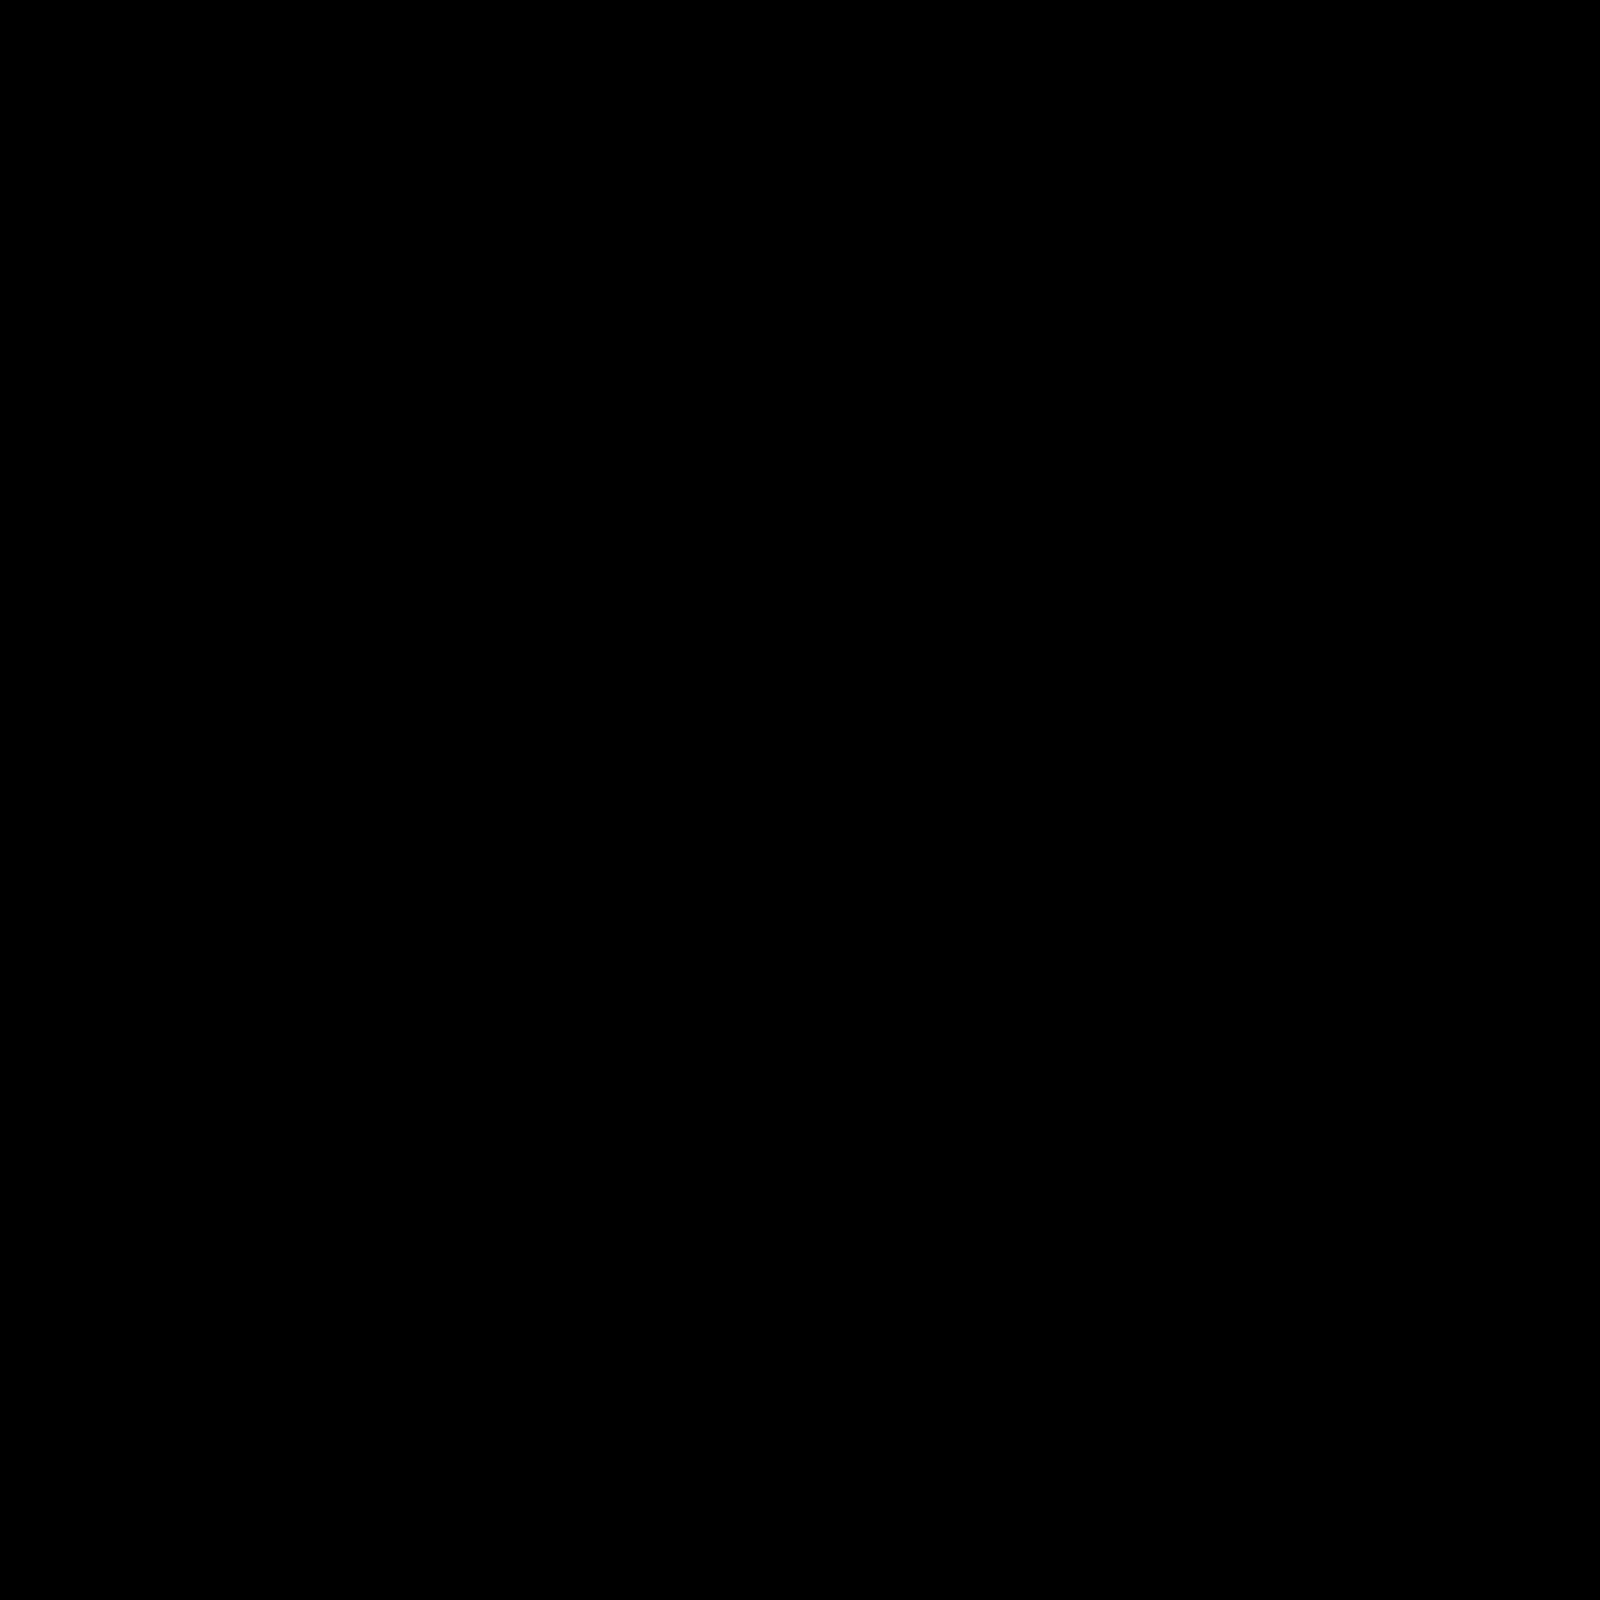 チェックマーク icon. This is a very simple icon that looks just like a check mark. It is two lines of different lengths that come together to form a point. It's the same shape people use when they are checking the box on a questionnaire.